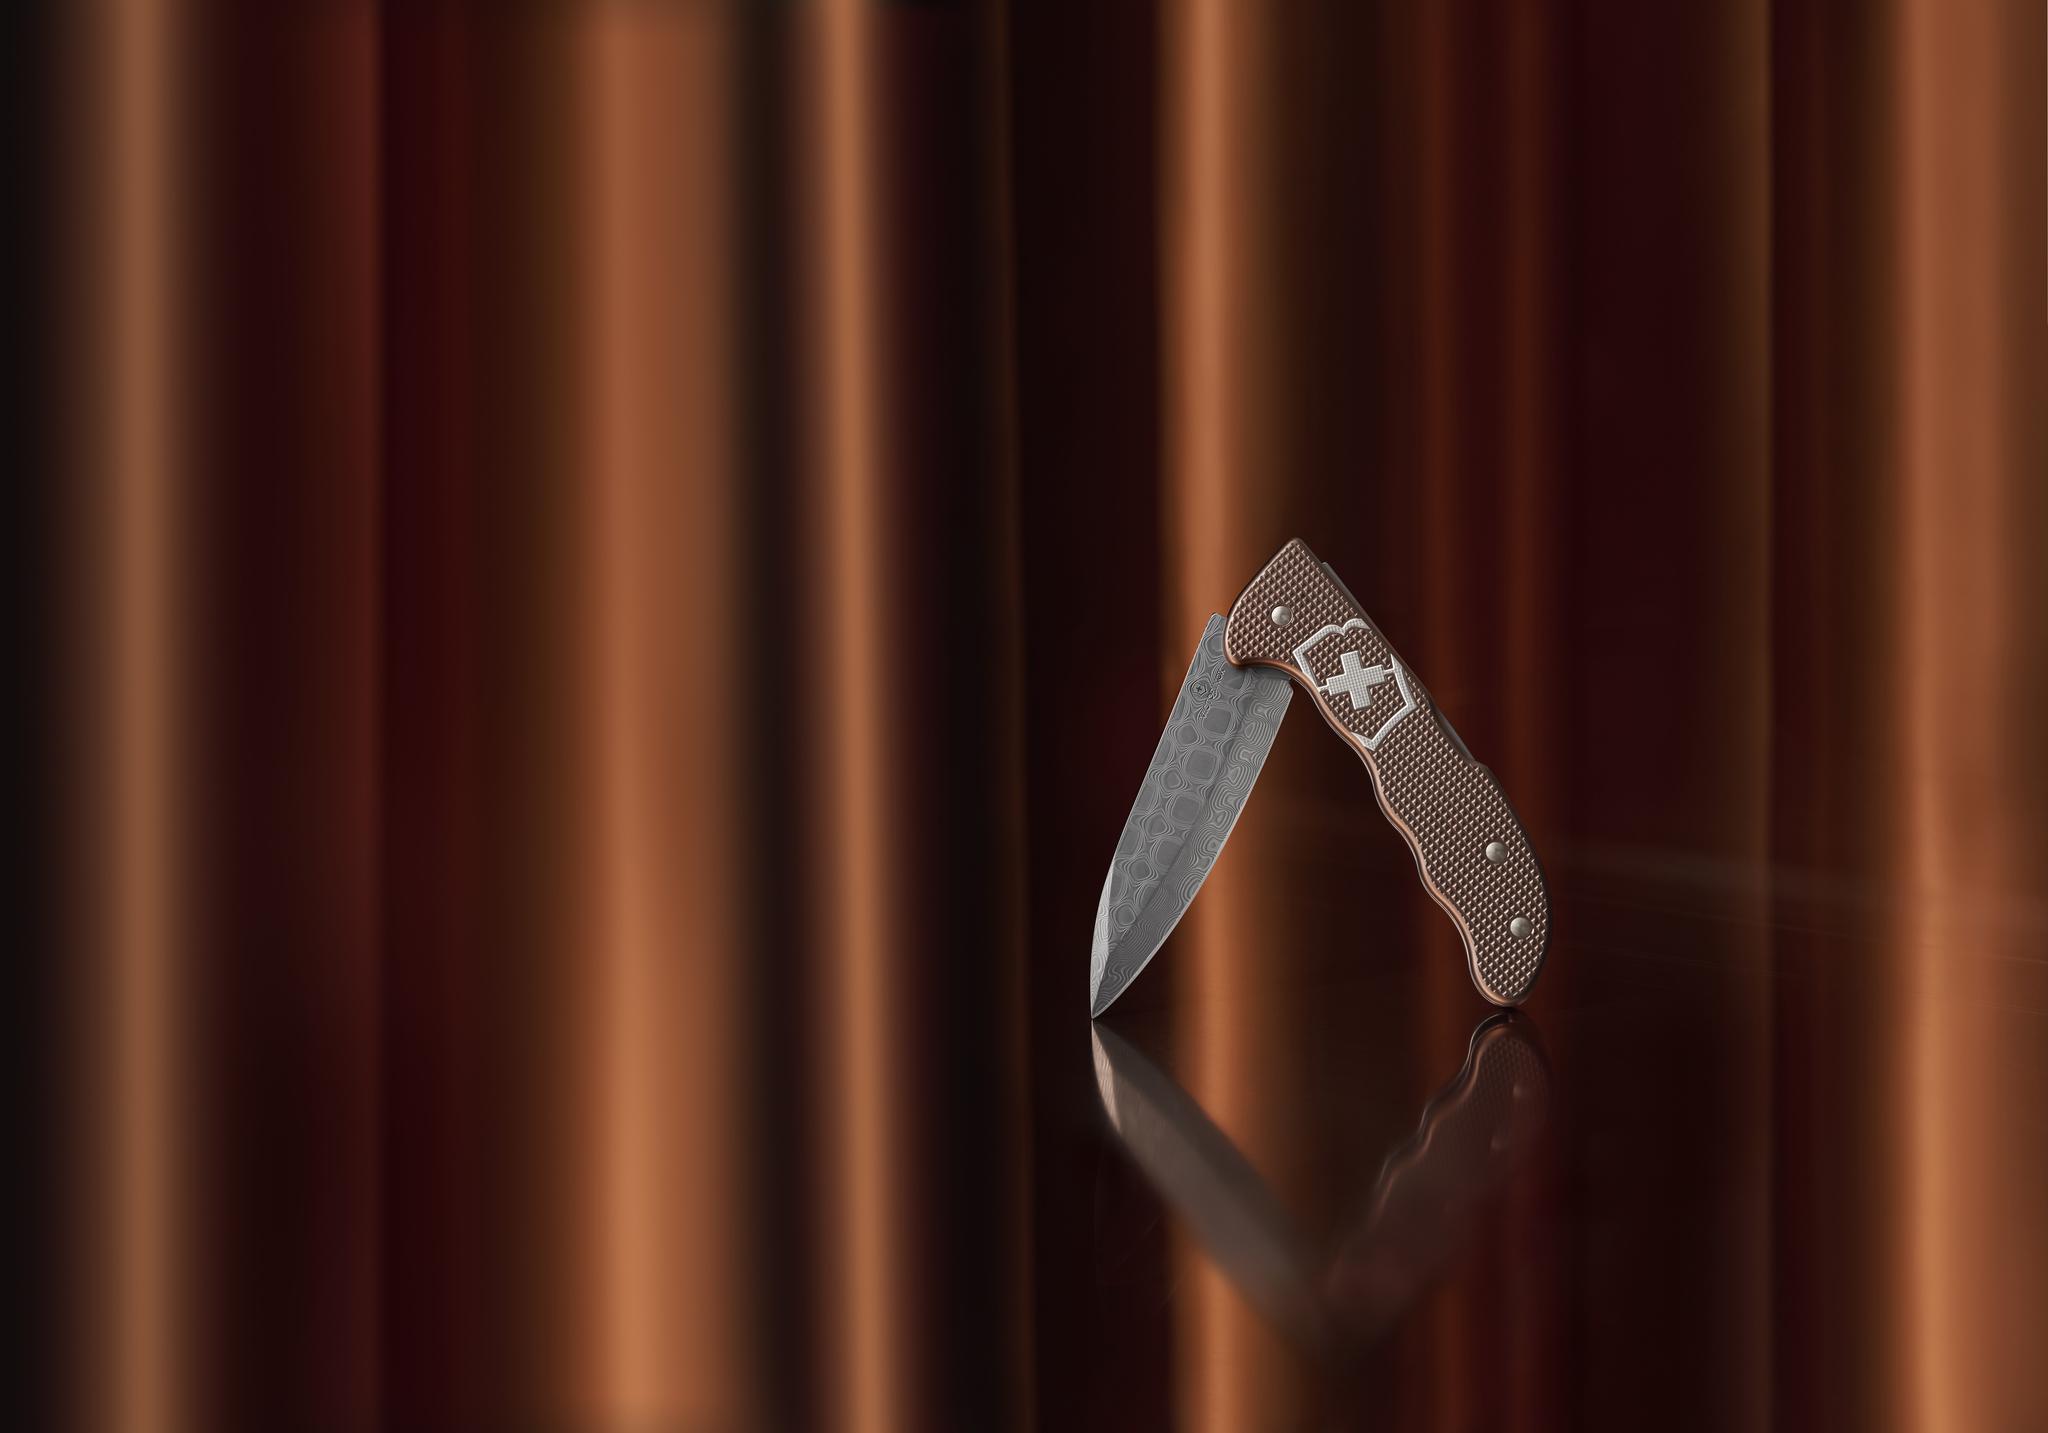 Складной коллекционный нож Victorinox Hunter Pro Alox Copper Brown Damast Limited Edition 2020 (0.9410.J20) дамасская сталь, лимитированное издание - Wenger-Victorinox.Ru